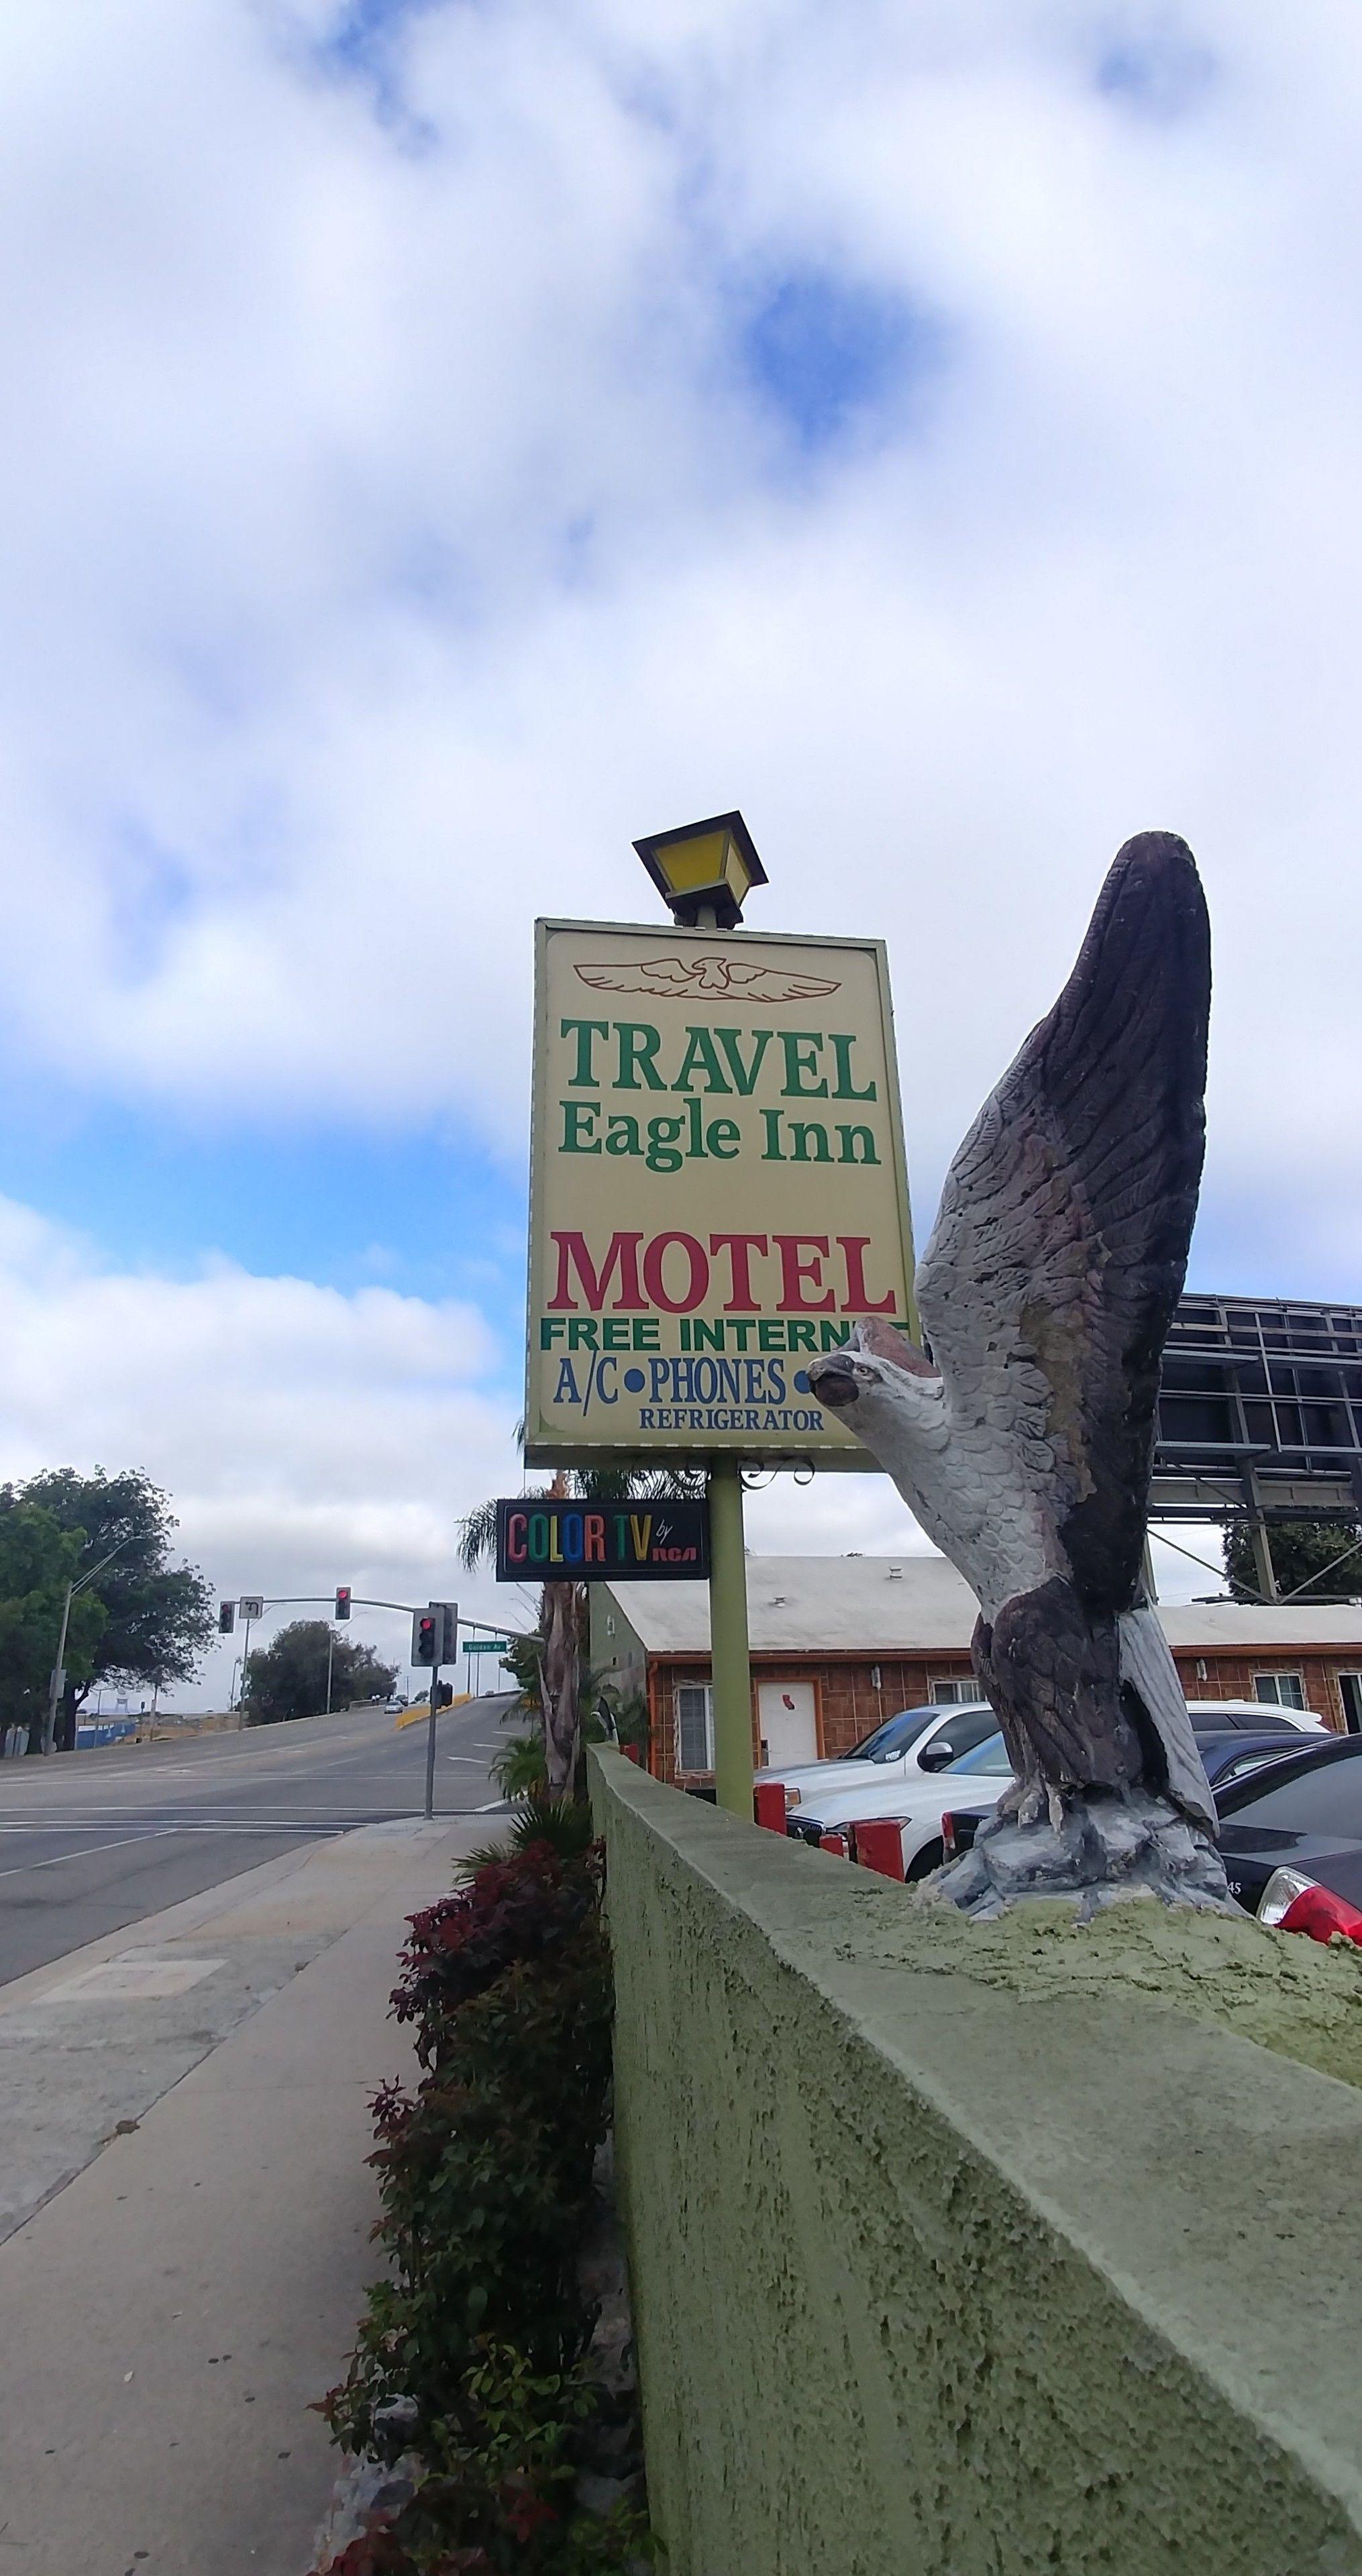 Travel Eagle Inn Motel